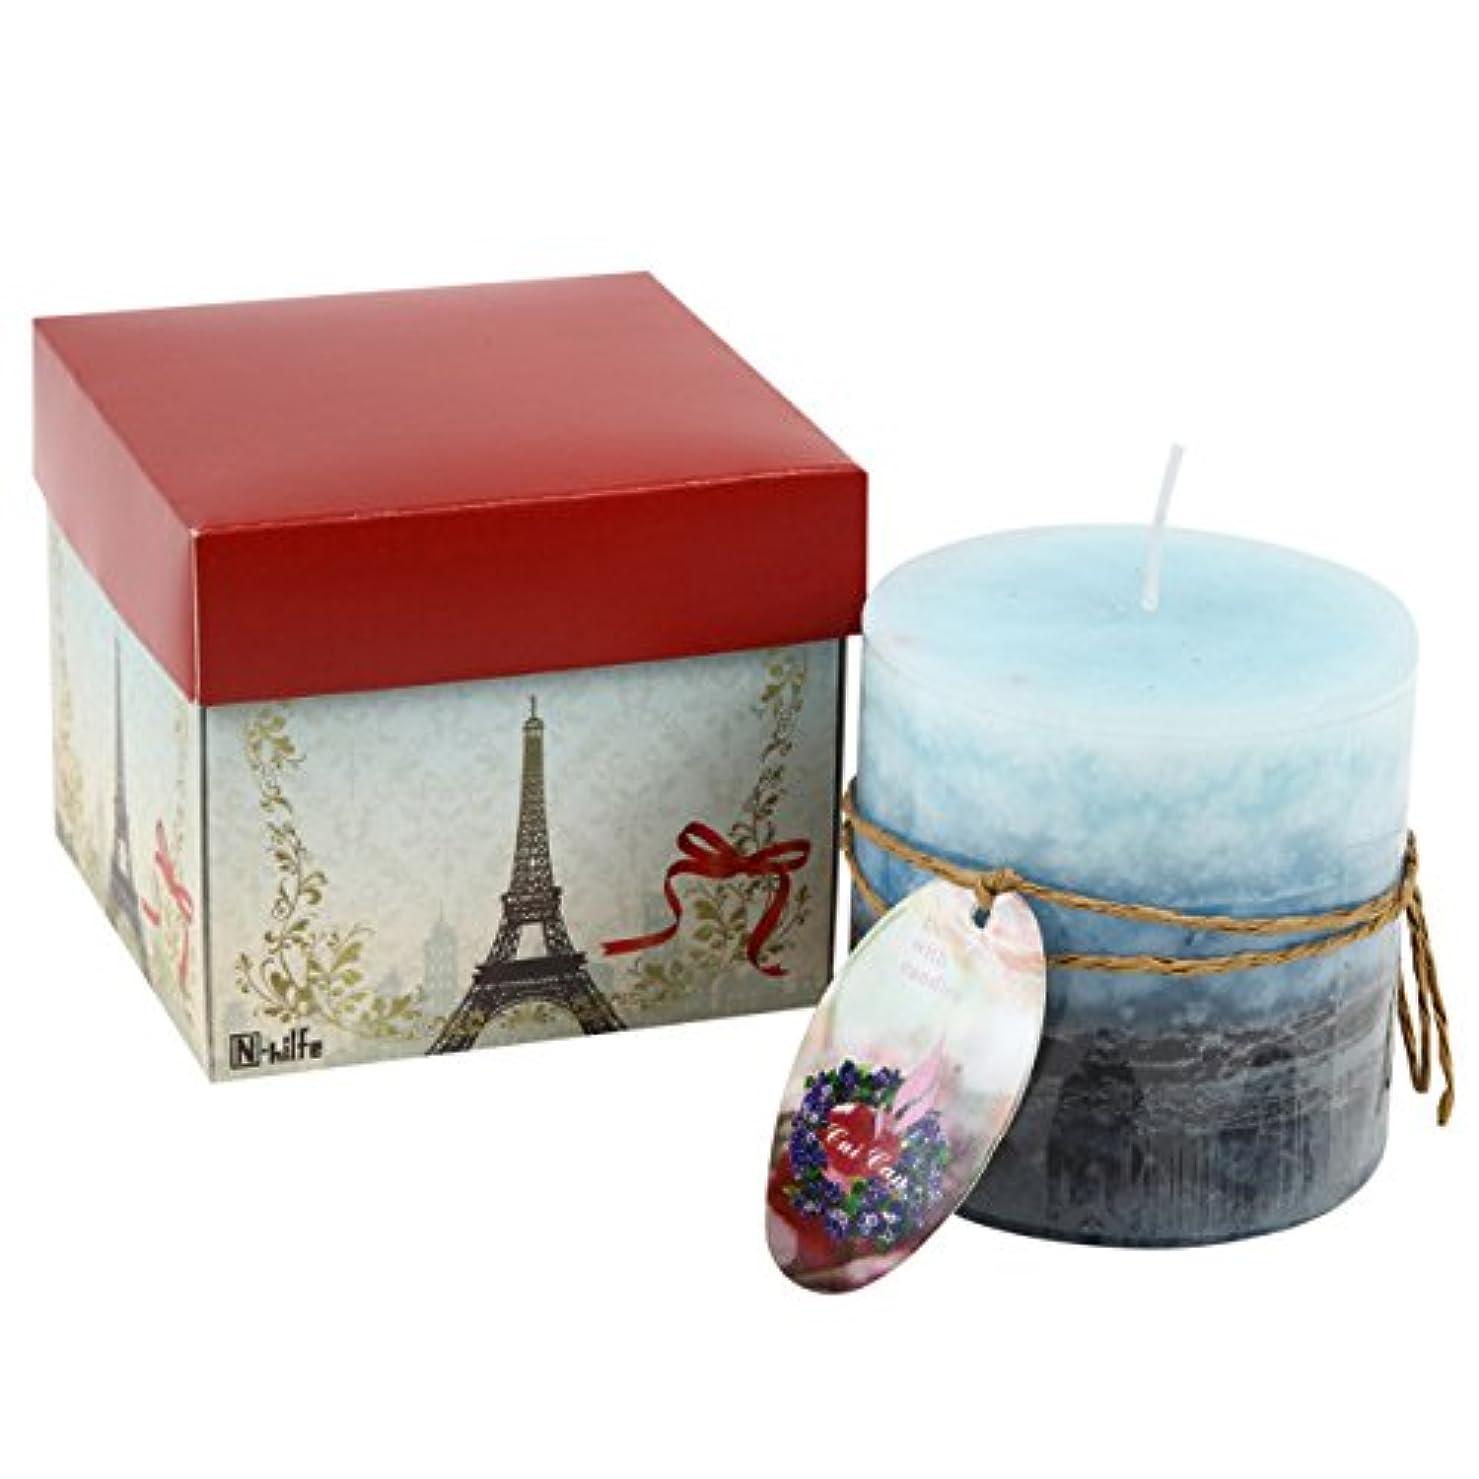 生産性スカートプラスN-hilfe キャンドル 7.5x7.5cm 蝋燭 アロマキャンドル (ビーチ,青)